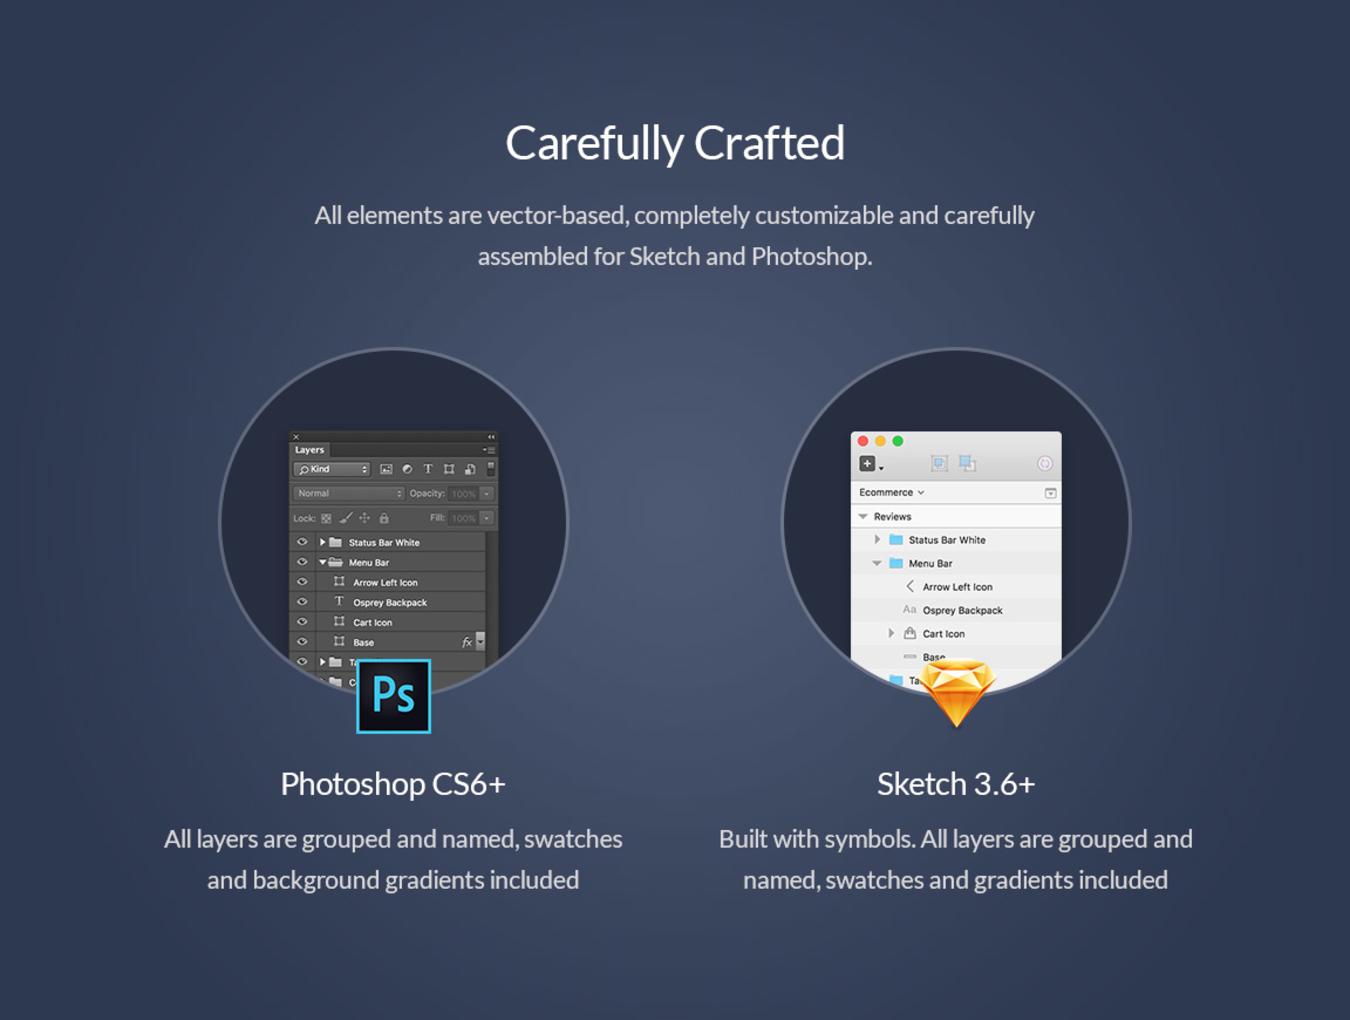 多功能在线购物摄影社交软件APP UI设计模板套件 Chameleon UI Kit插图(4)